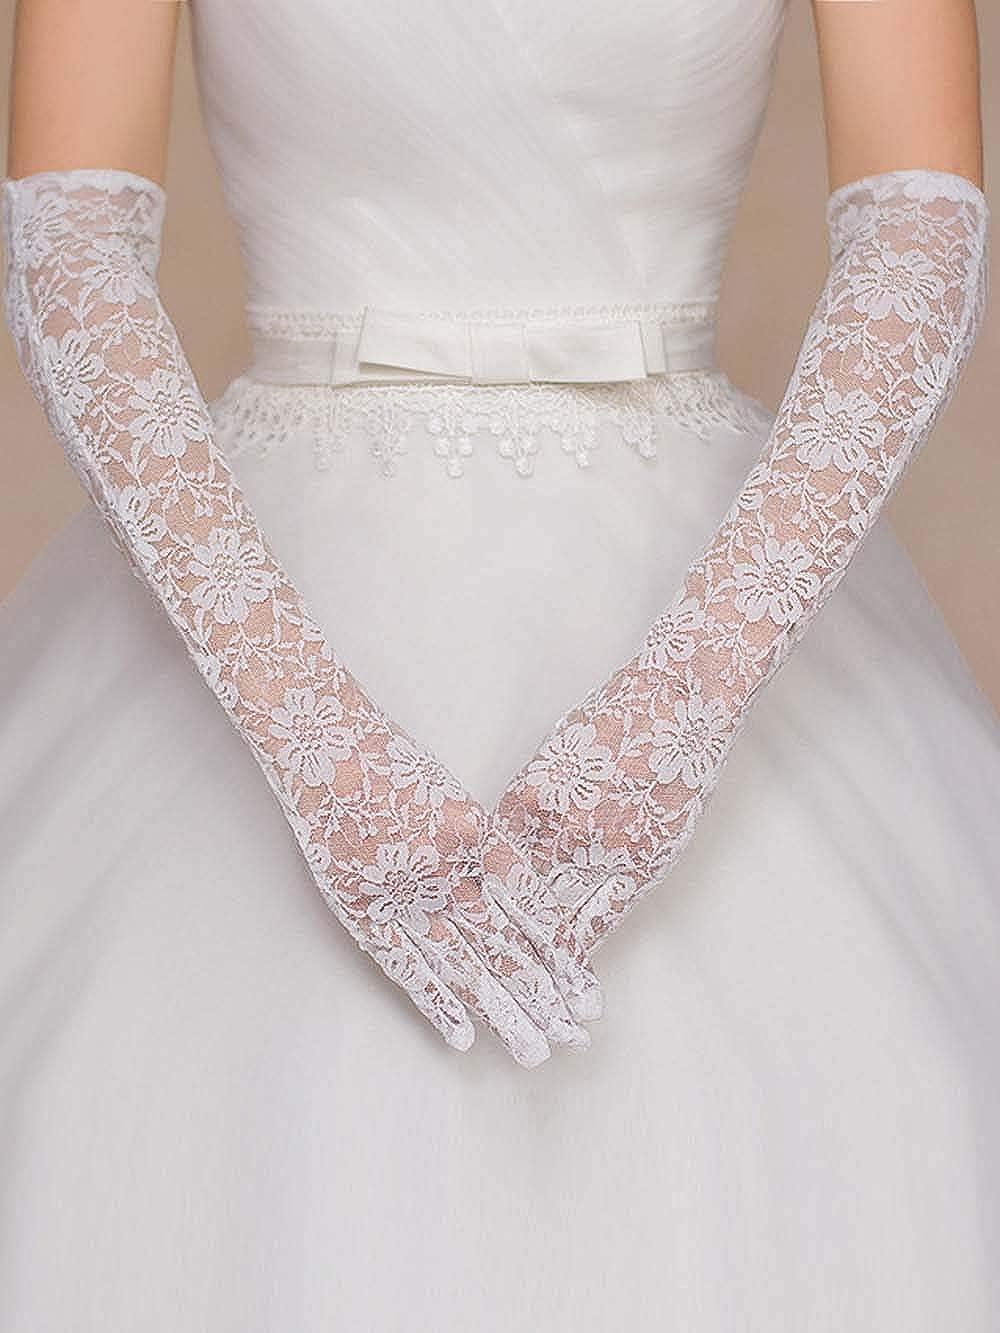 Jovono Women Long Lace Gloves Women Bridal Wedding Elegant Gloves Ladies Fancy Dress Hen Nights Halloween Party Gothic Gloves Brides Accessories